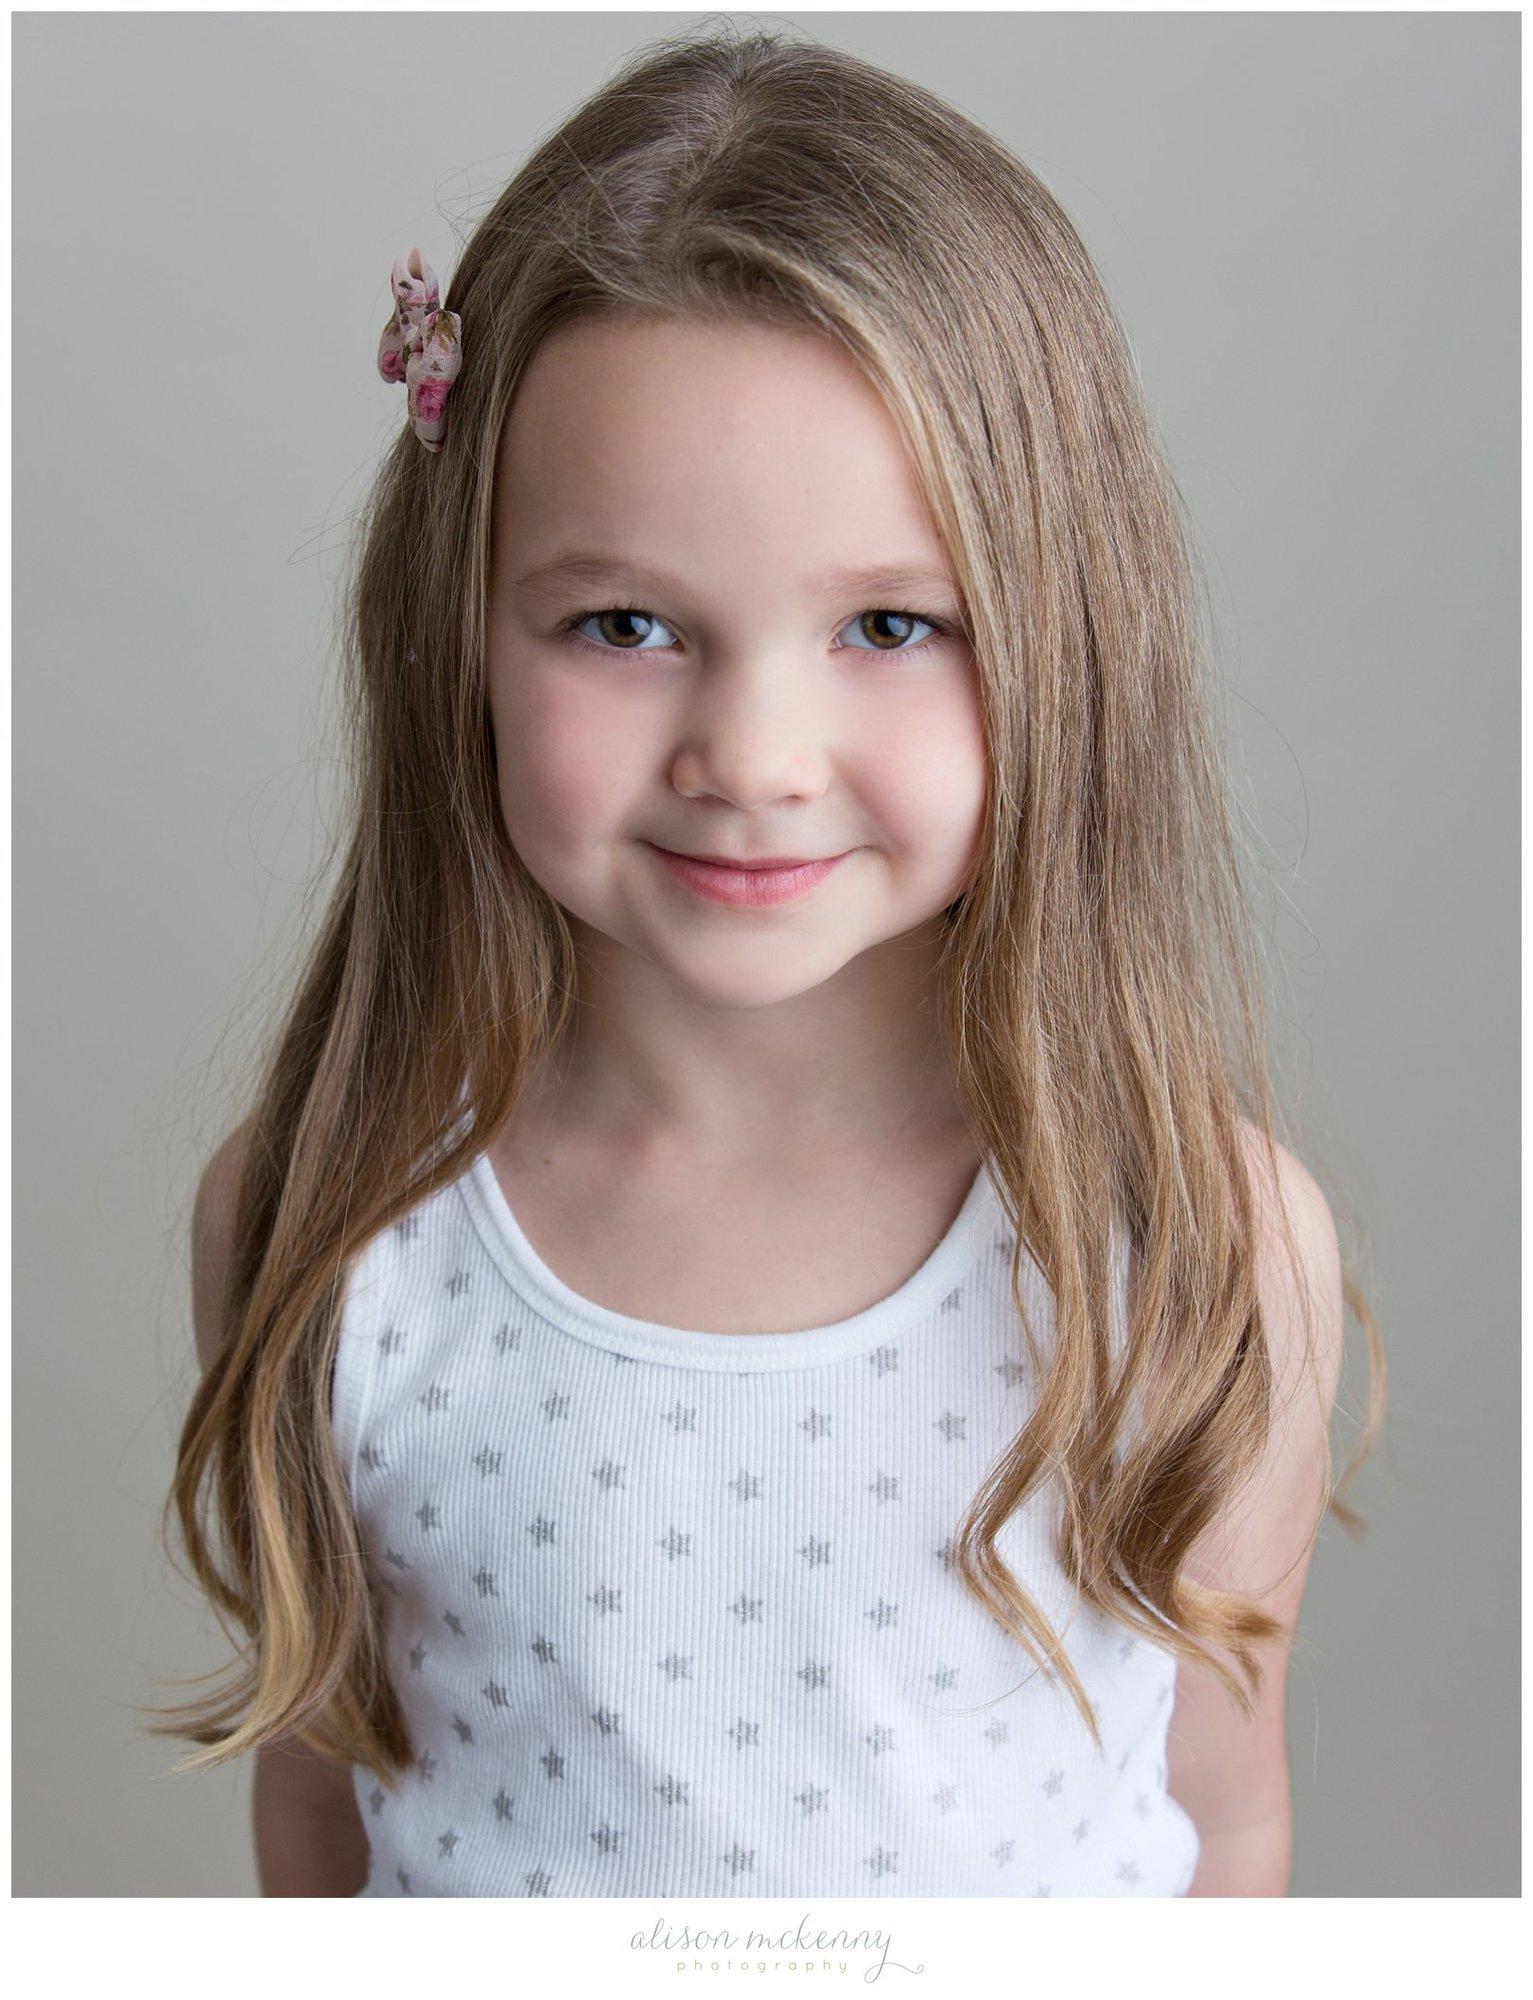 Childrens Photographer Suffolk002